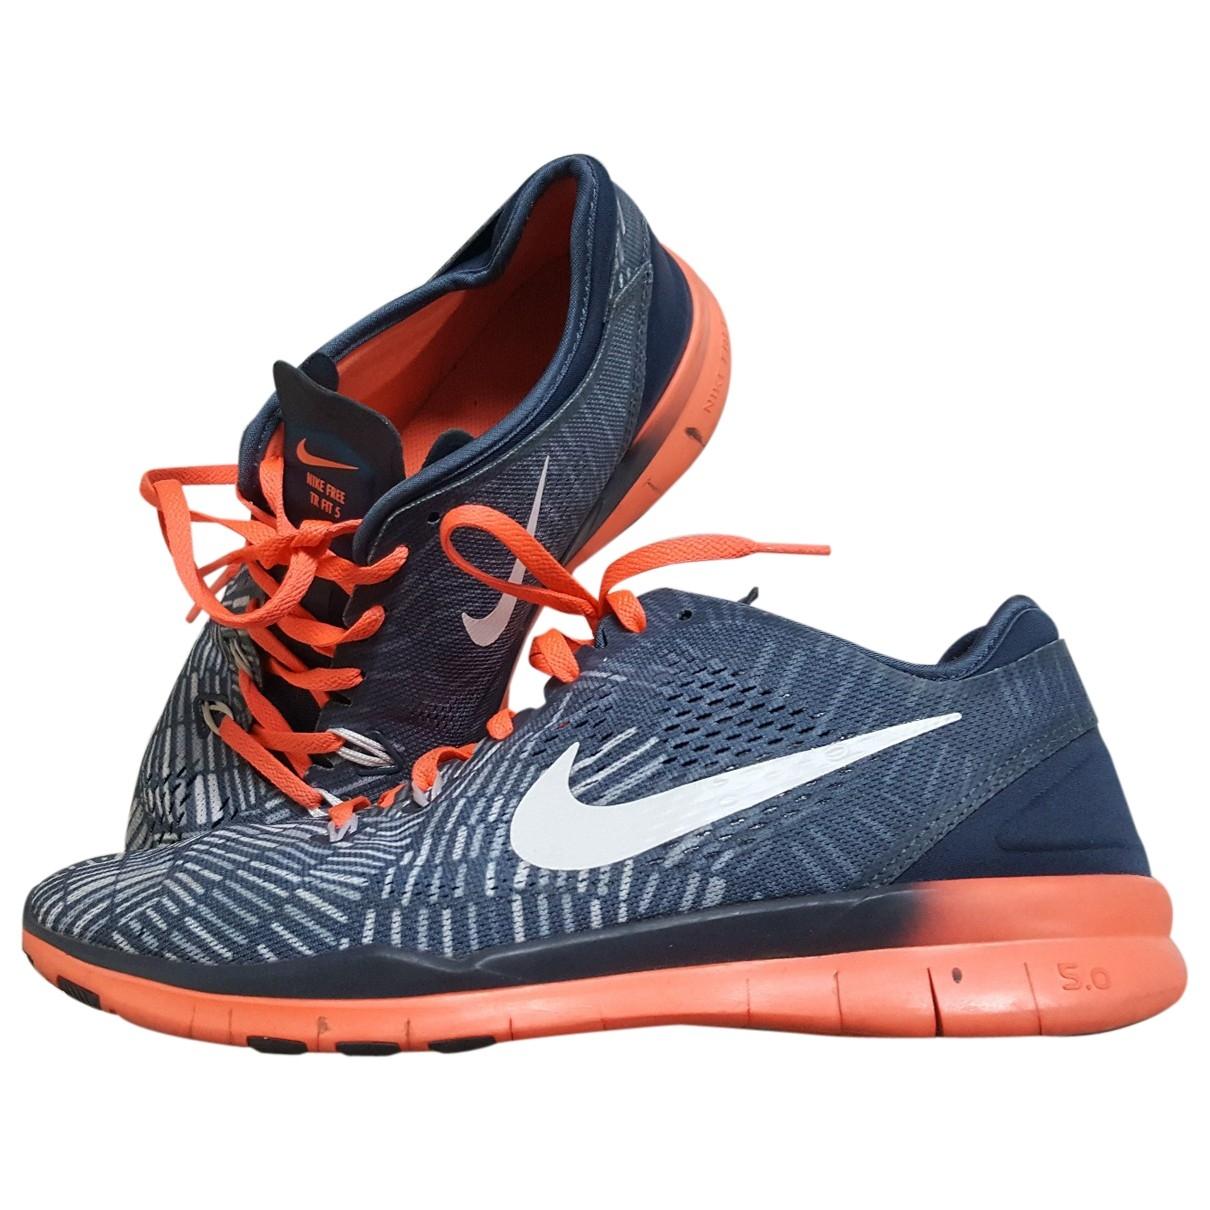 Nike Free Run Blue Cloth Trainers for Women 40 EU